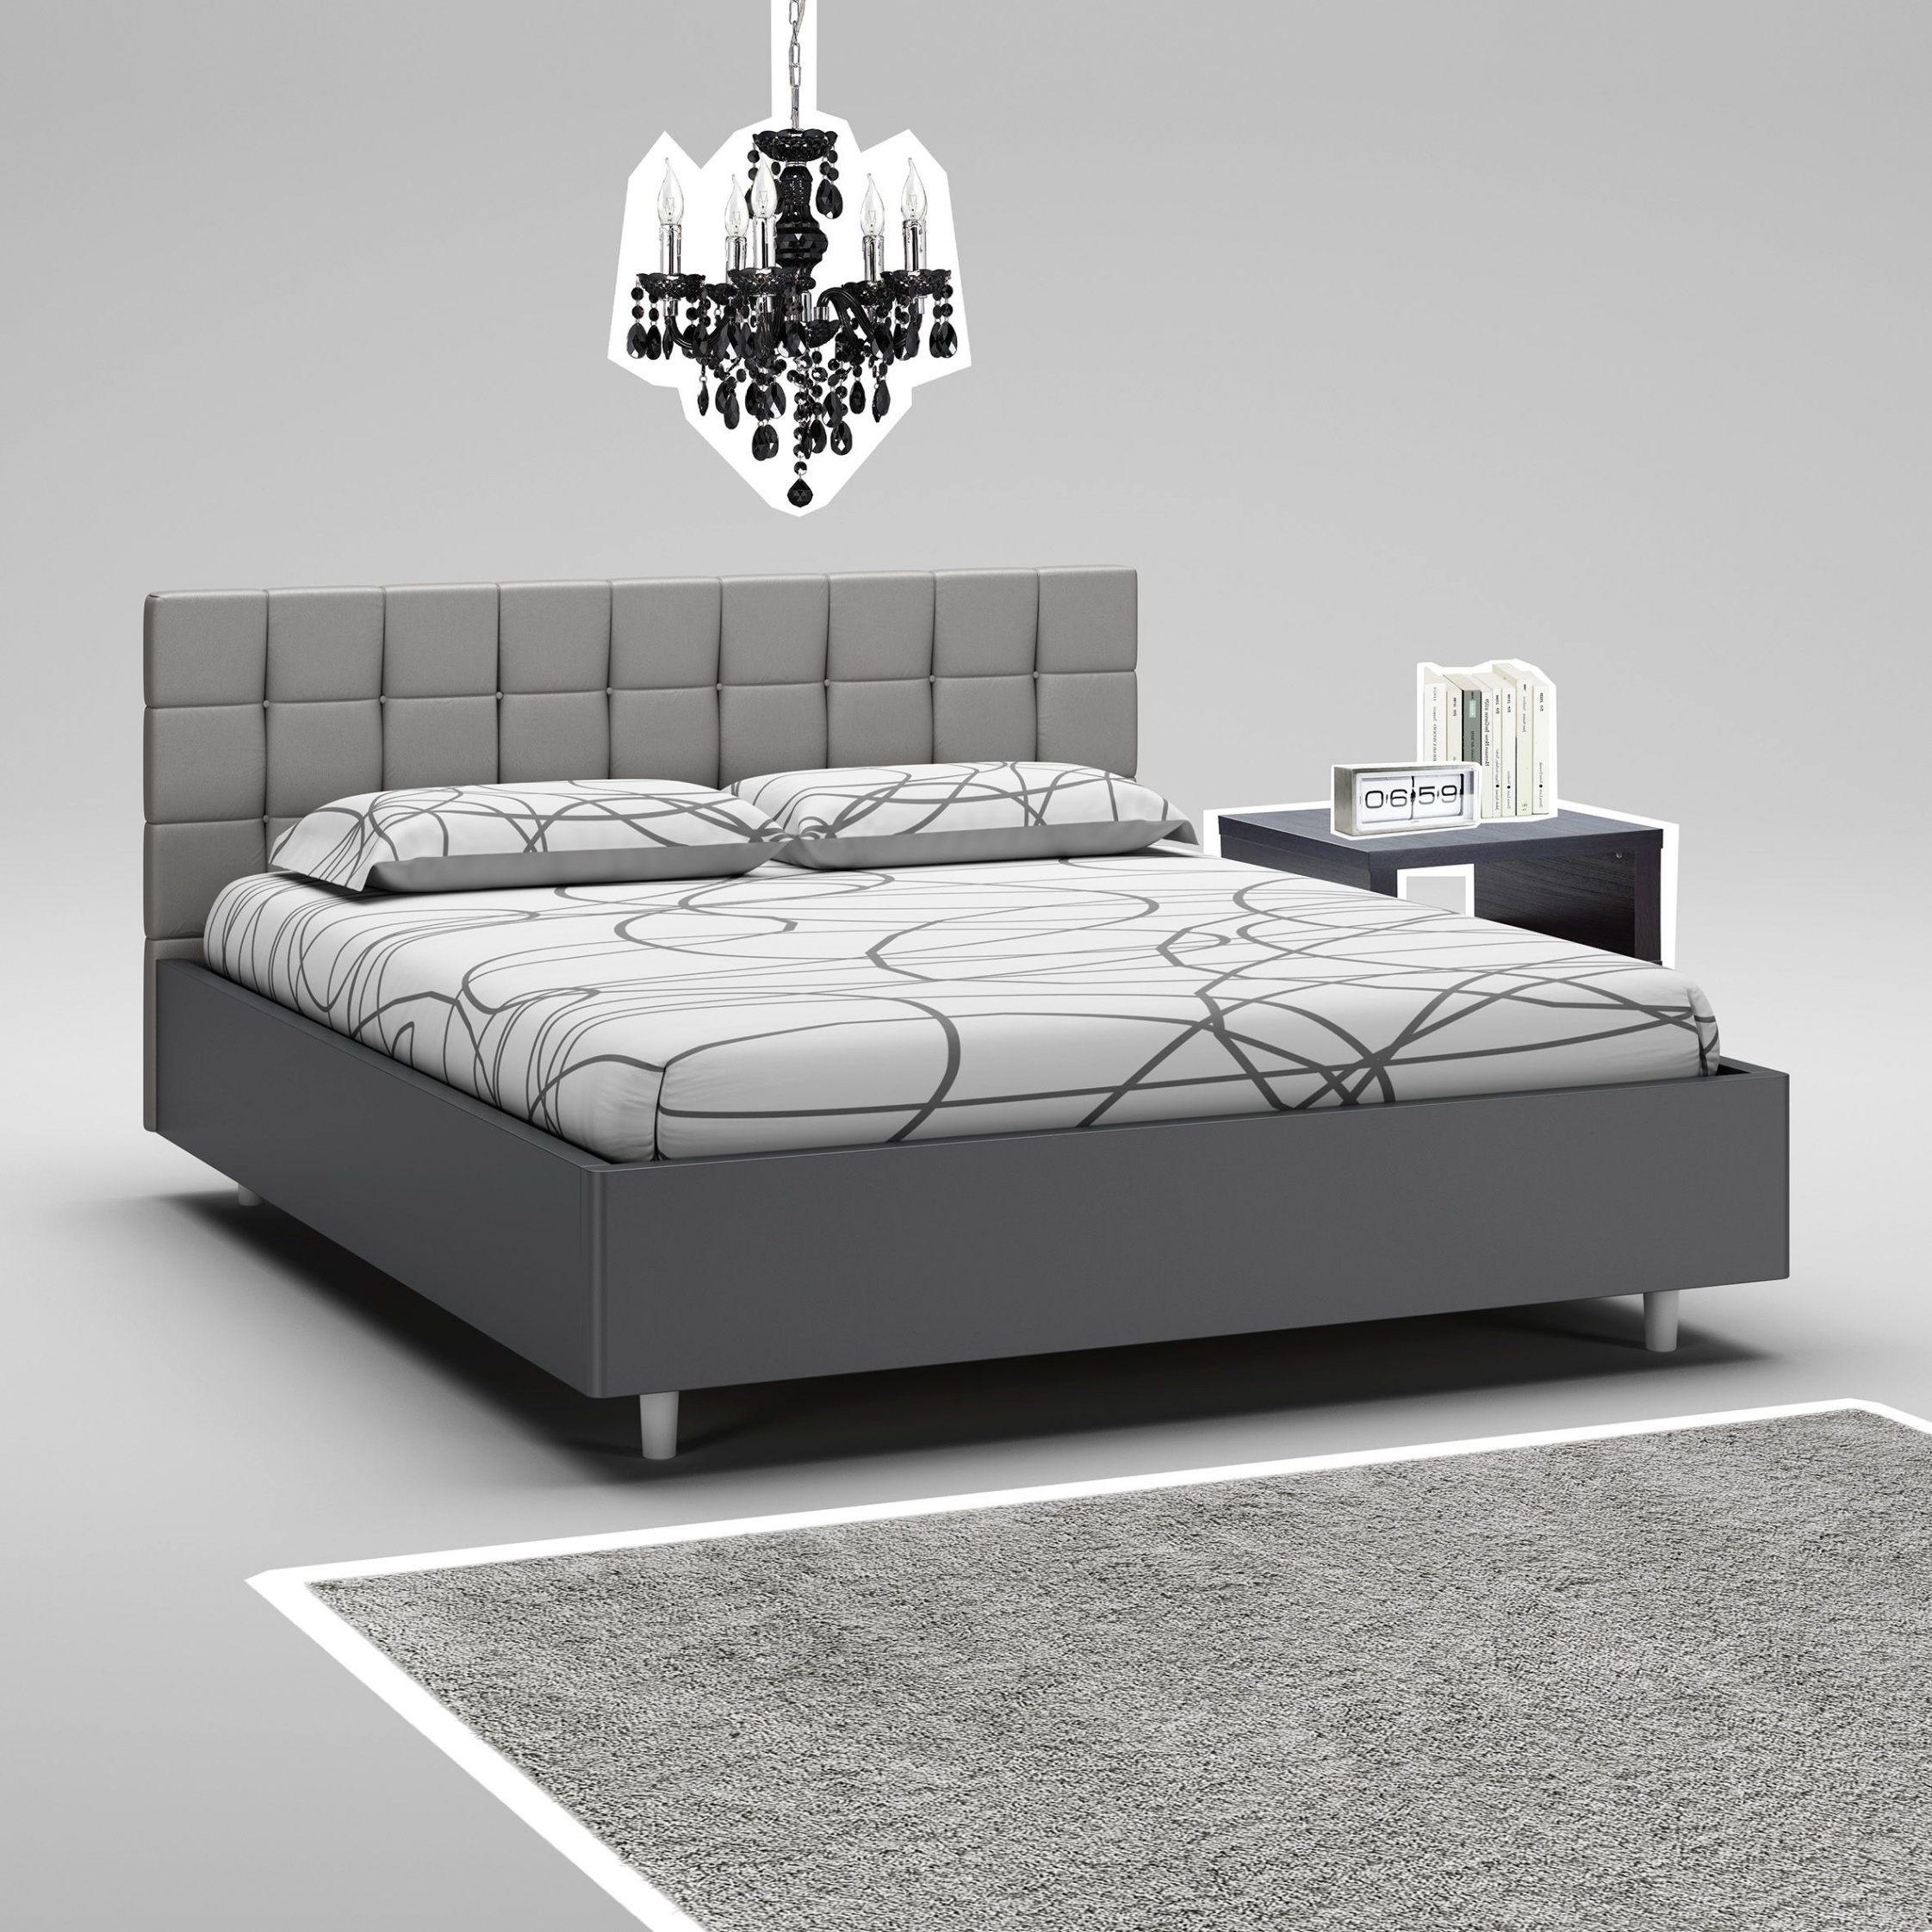 Tete De Lit Groupon Magnifique Lit Design 160×200 160×200 Finest Lit X Led Lit Led Design Groupon